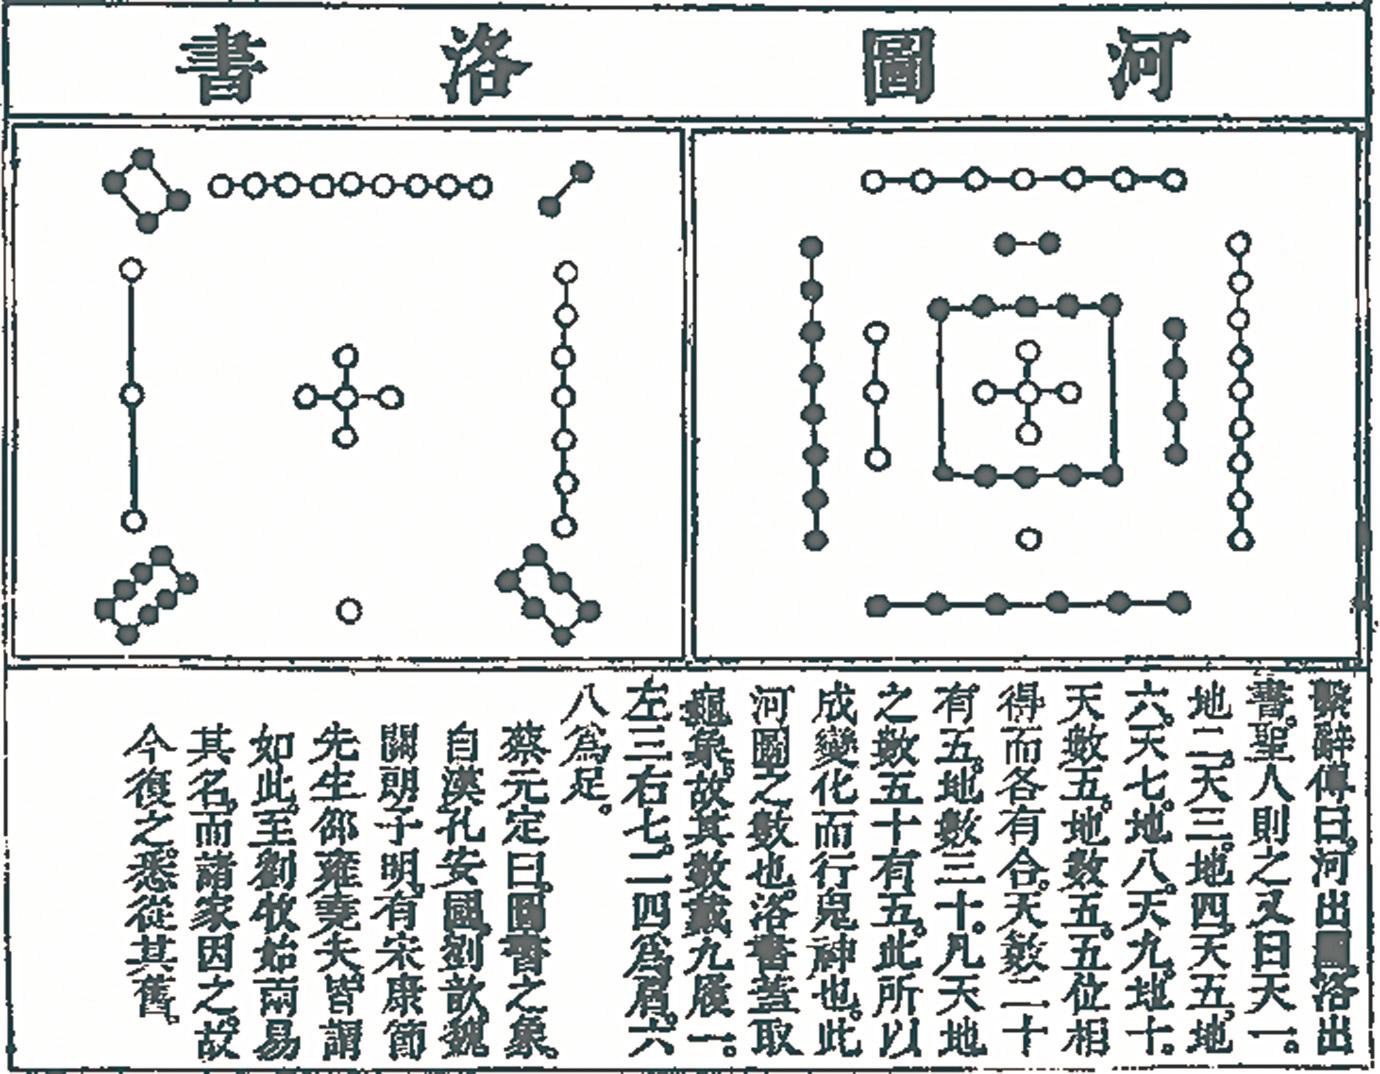 《洛書》是史前文化,表達著史前人類對銀河星系的運行規律的認識。(網絡圖片)